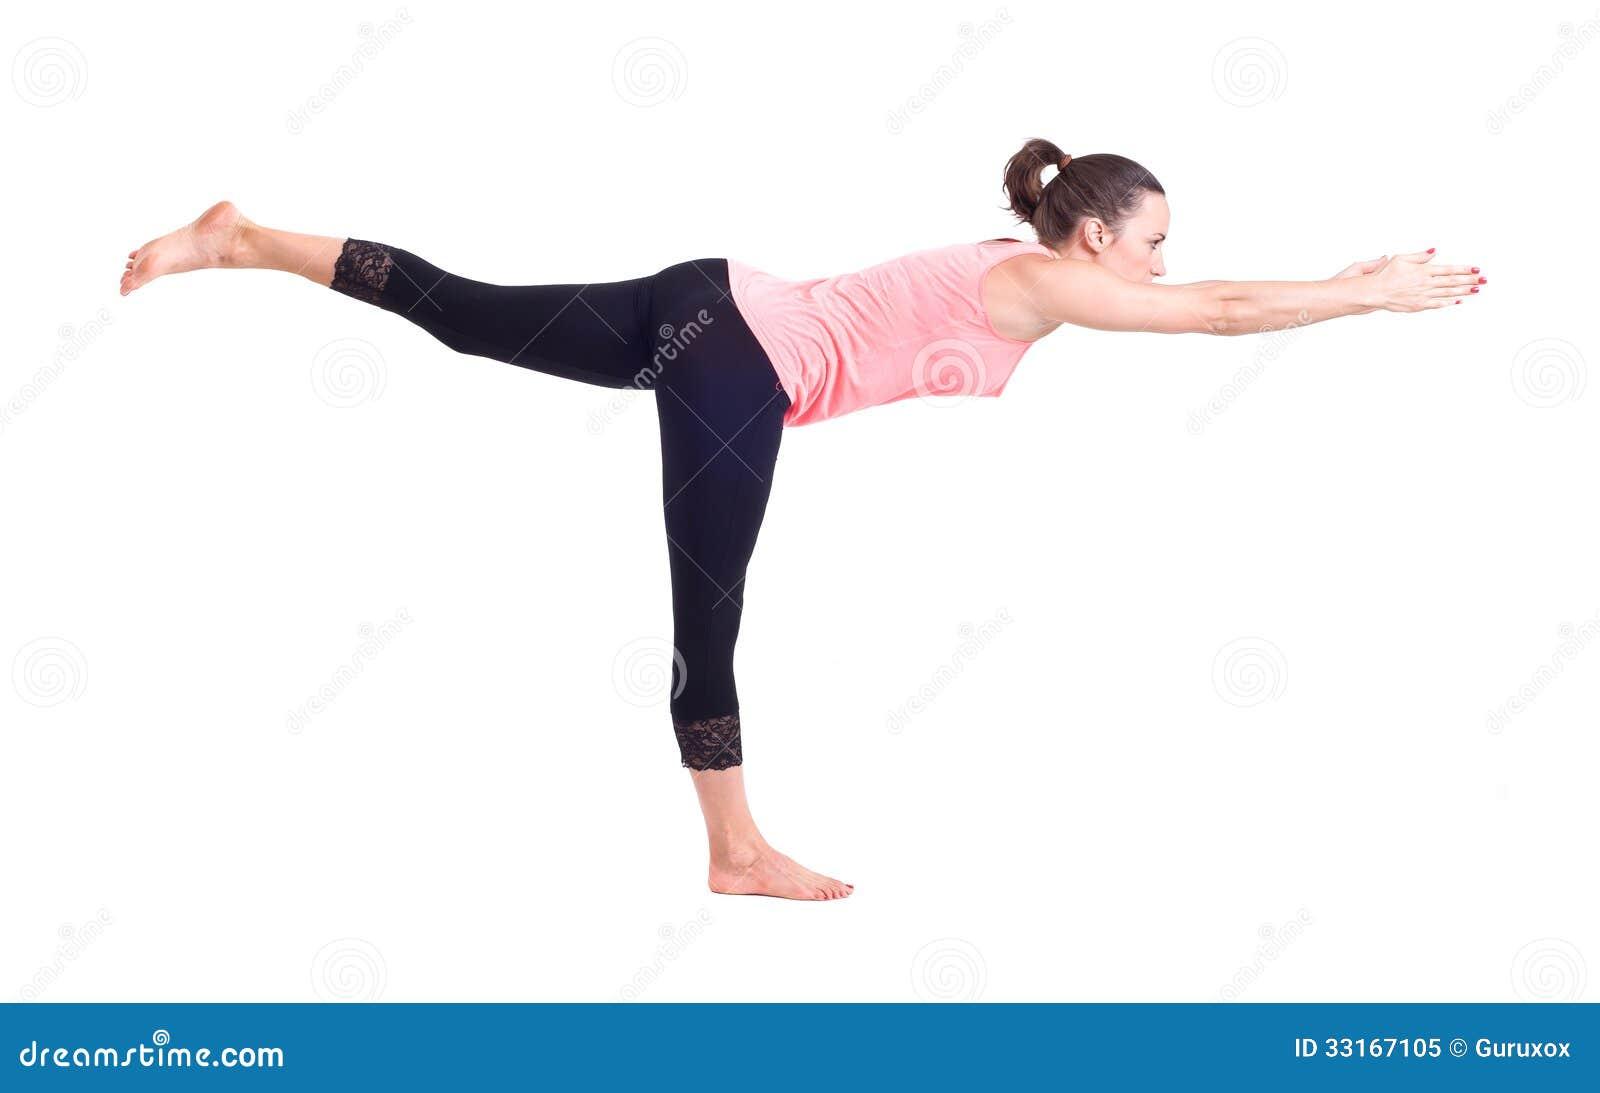 实践的瑜伽锻炼:战士姿势- virabhadrasana